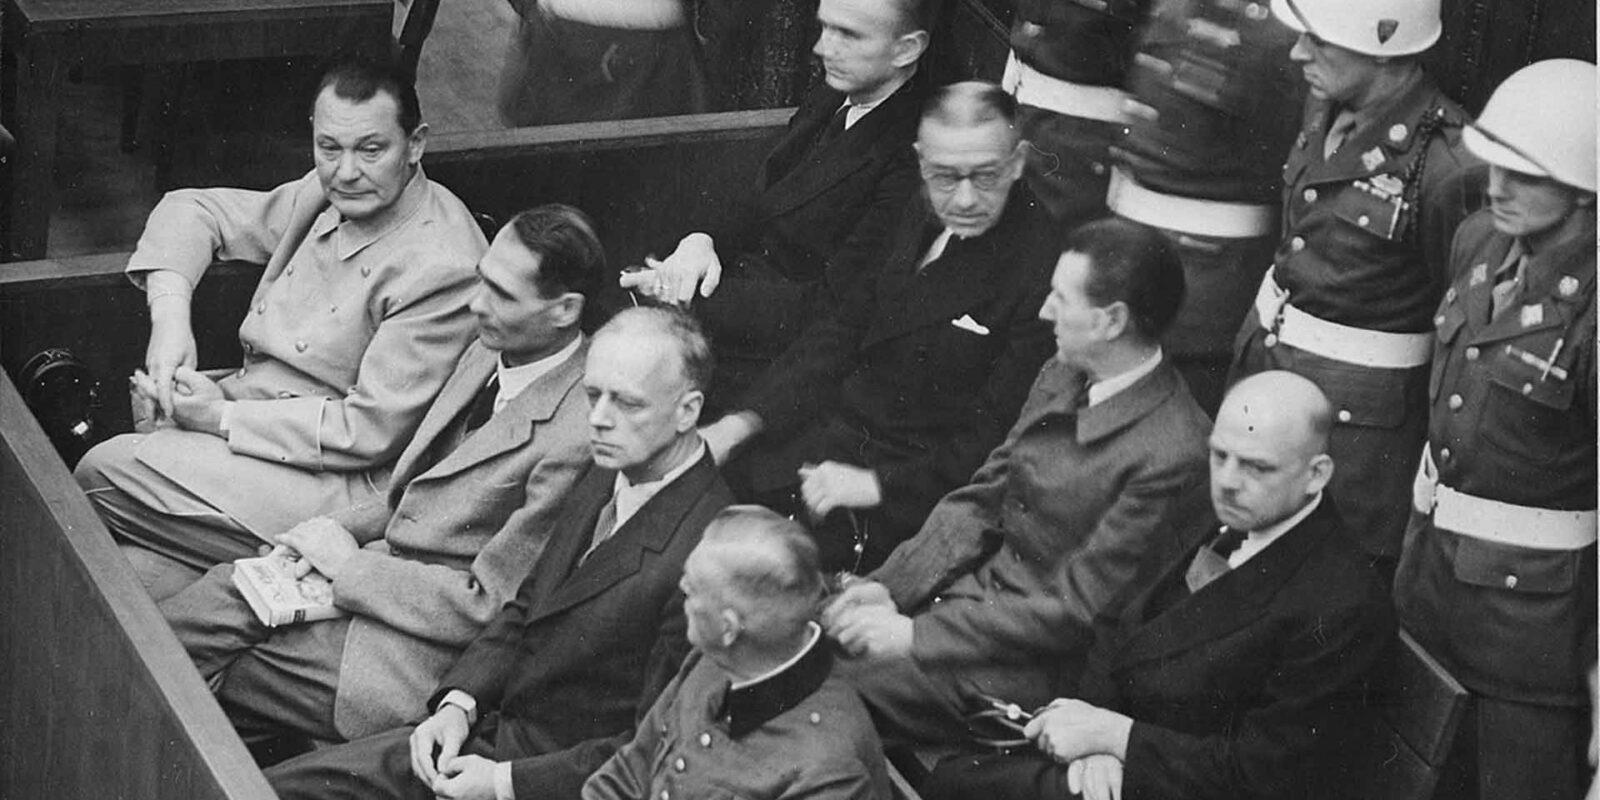 La (tardiva) giustizia per i crimini di guerra tedeschi